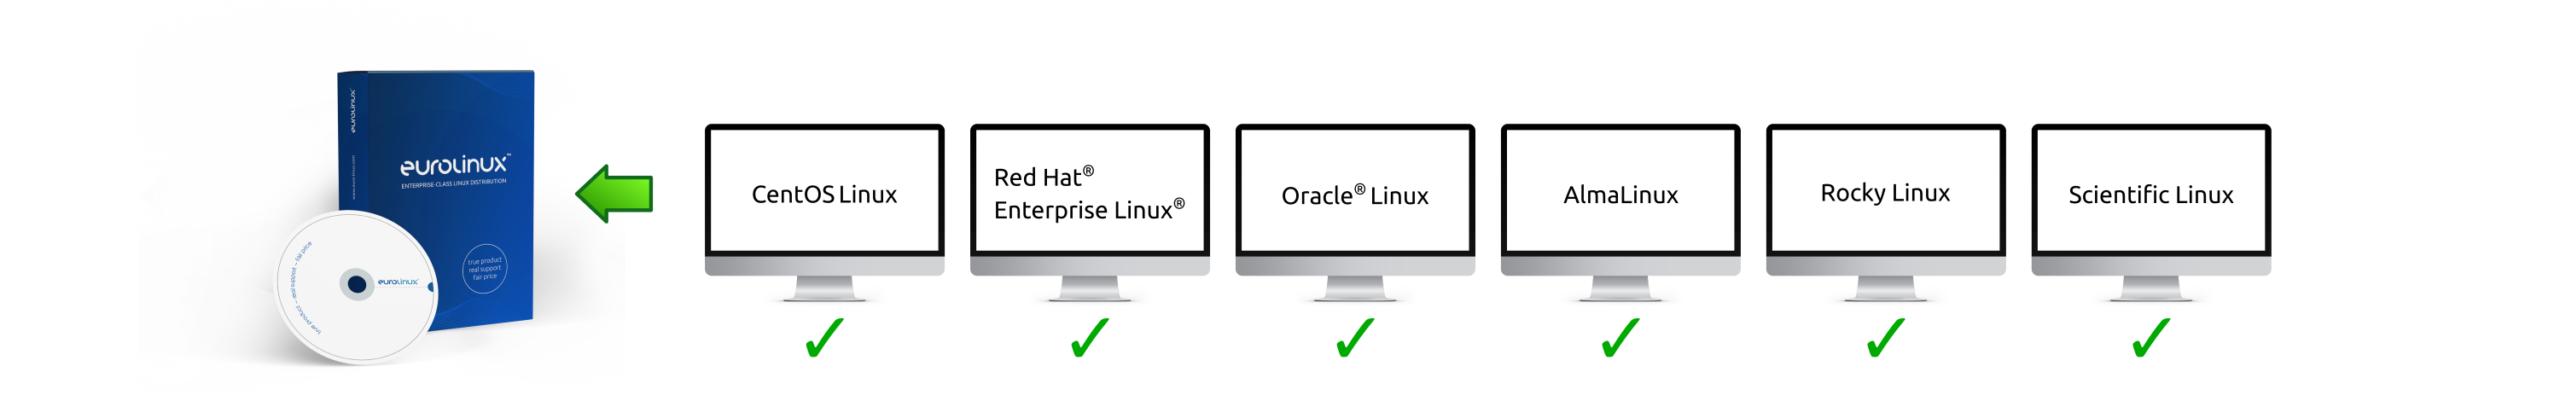 Przełączenie repozytorium na EuroLinux